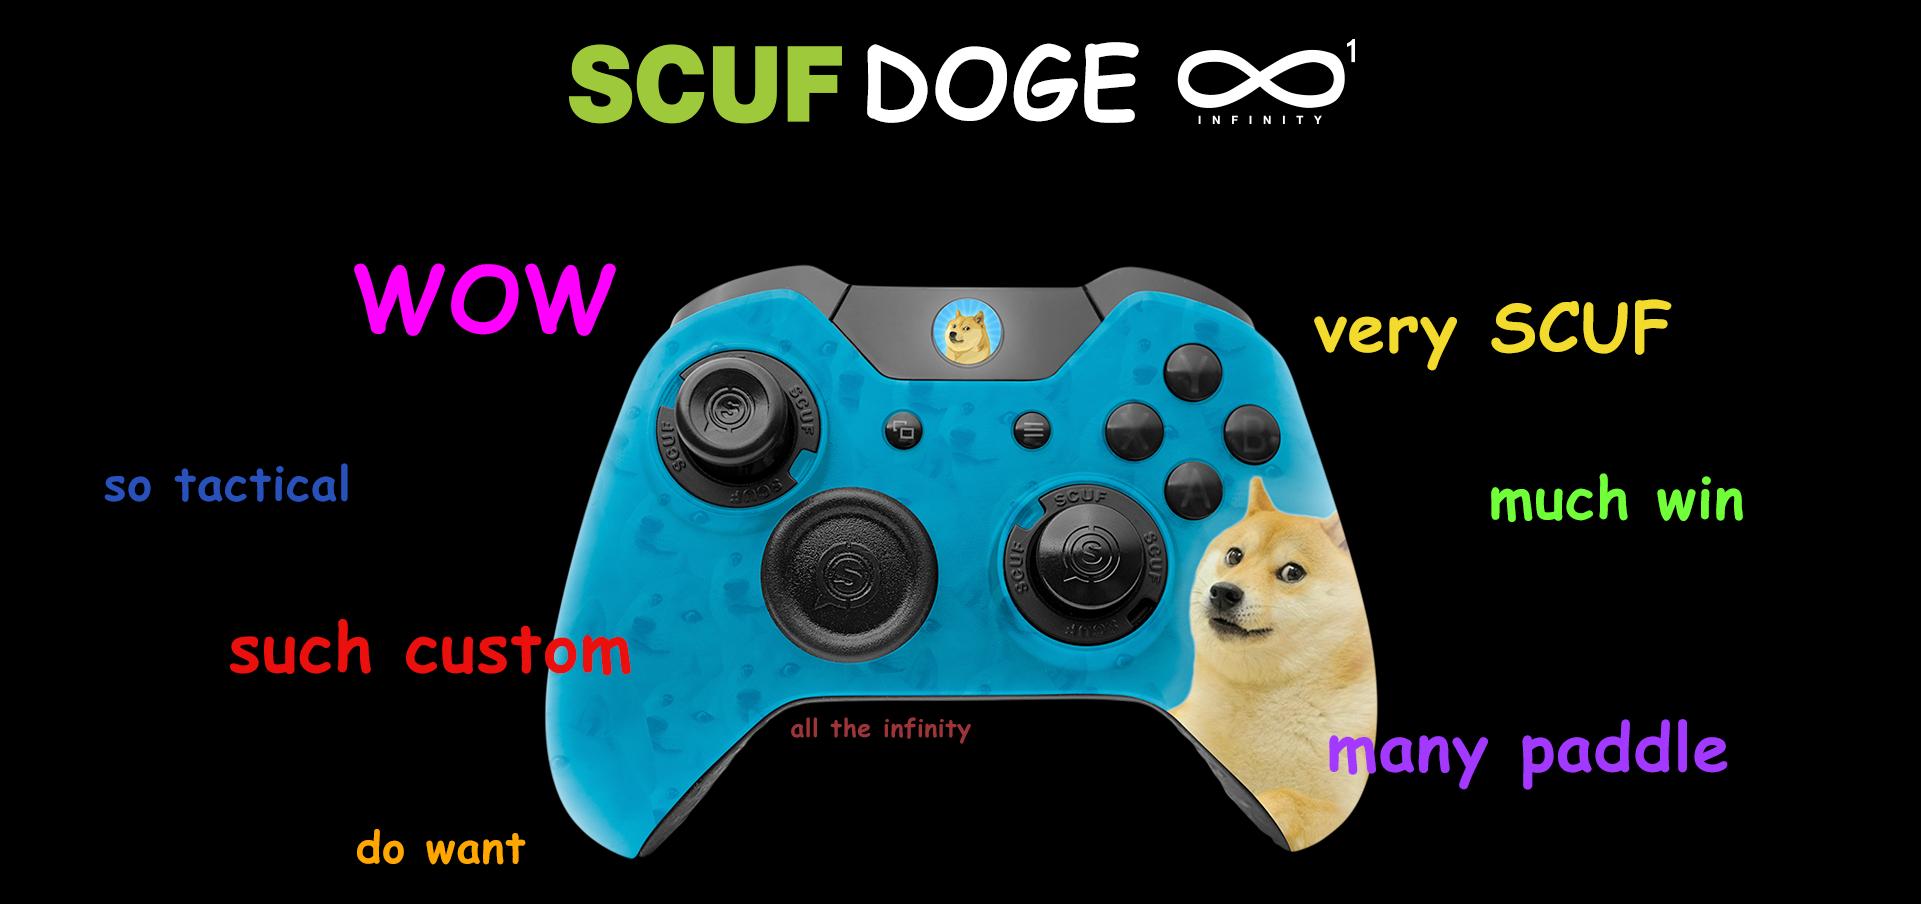 SCUF_DOGE